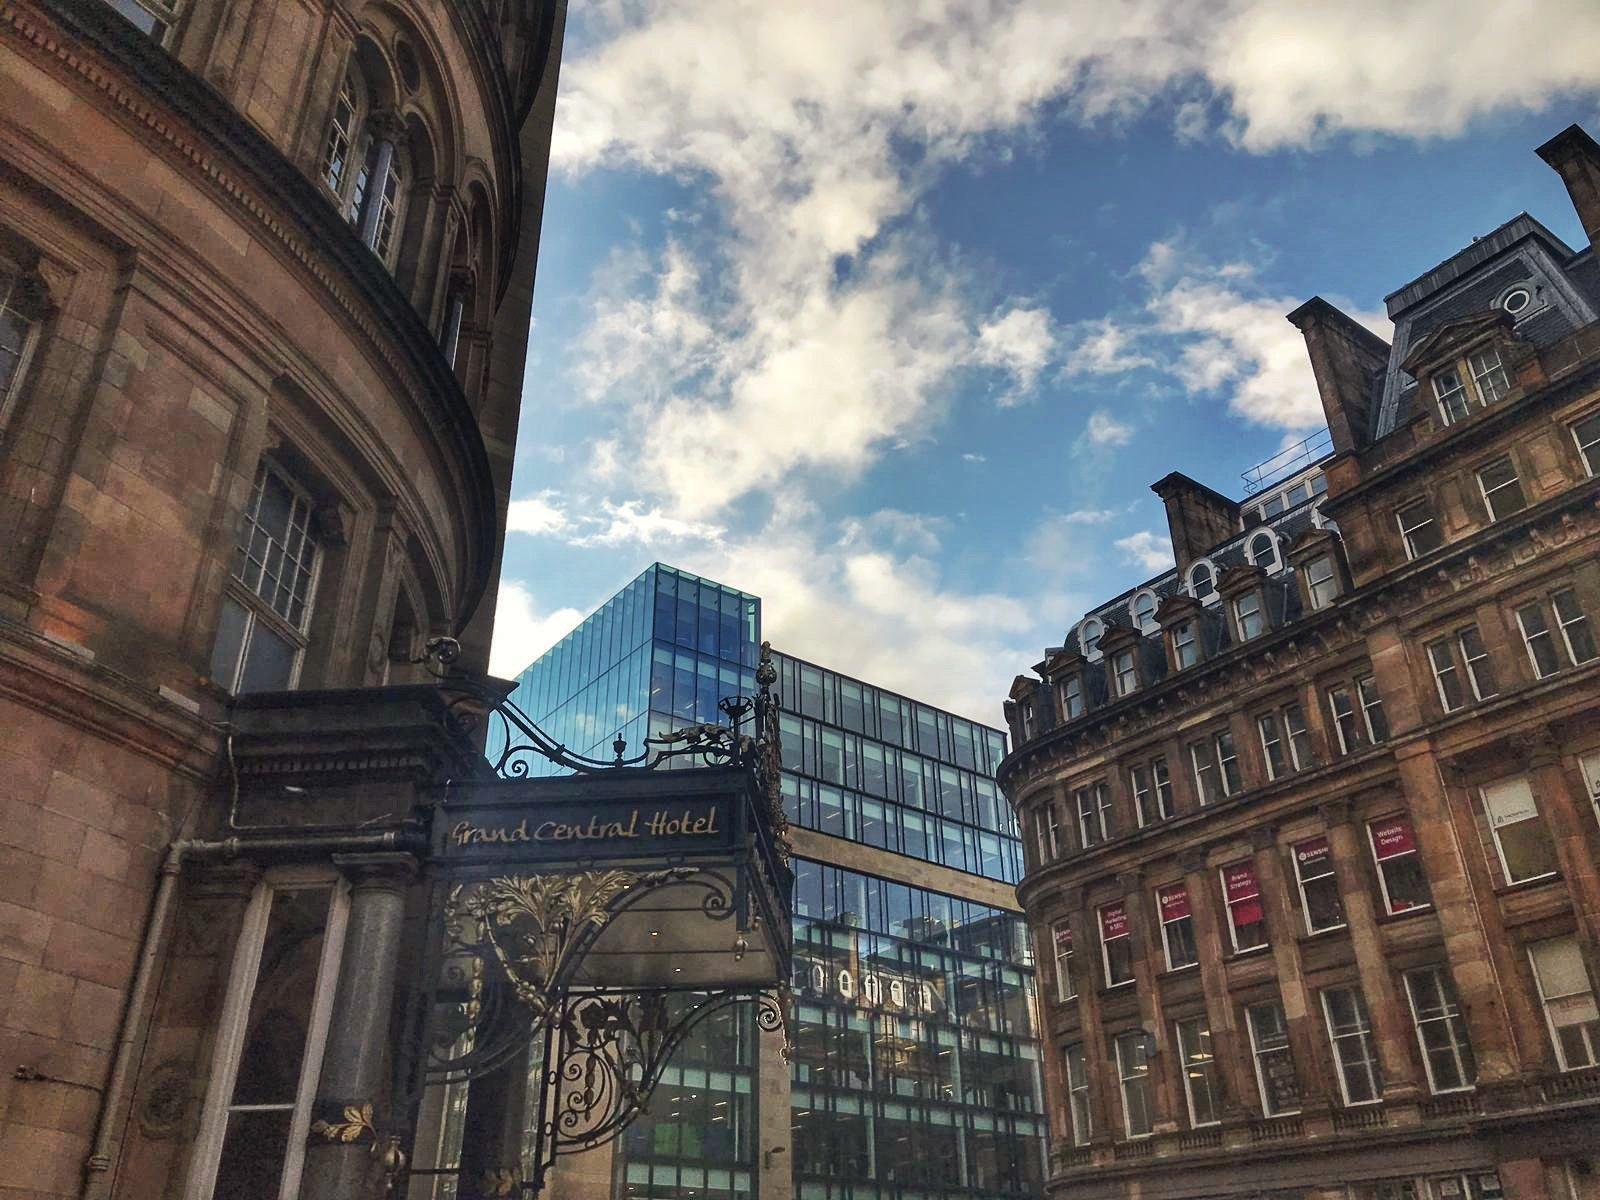 Principal Hotel Glasgow 8